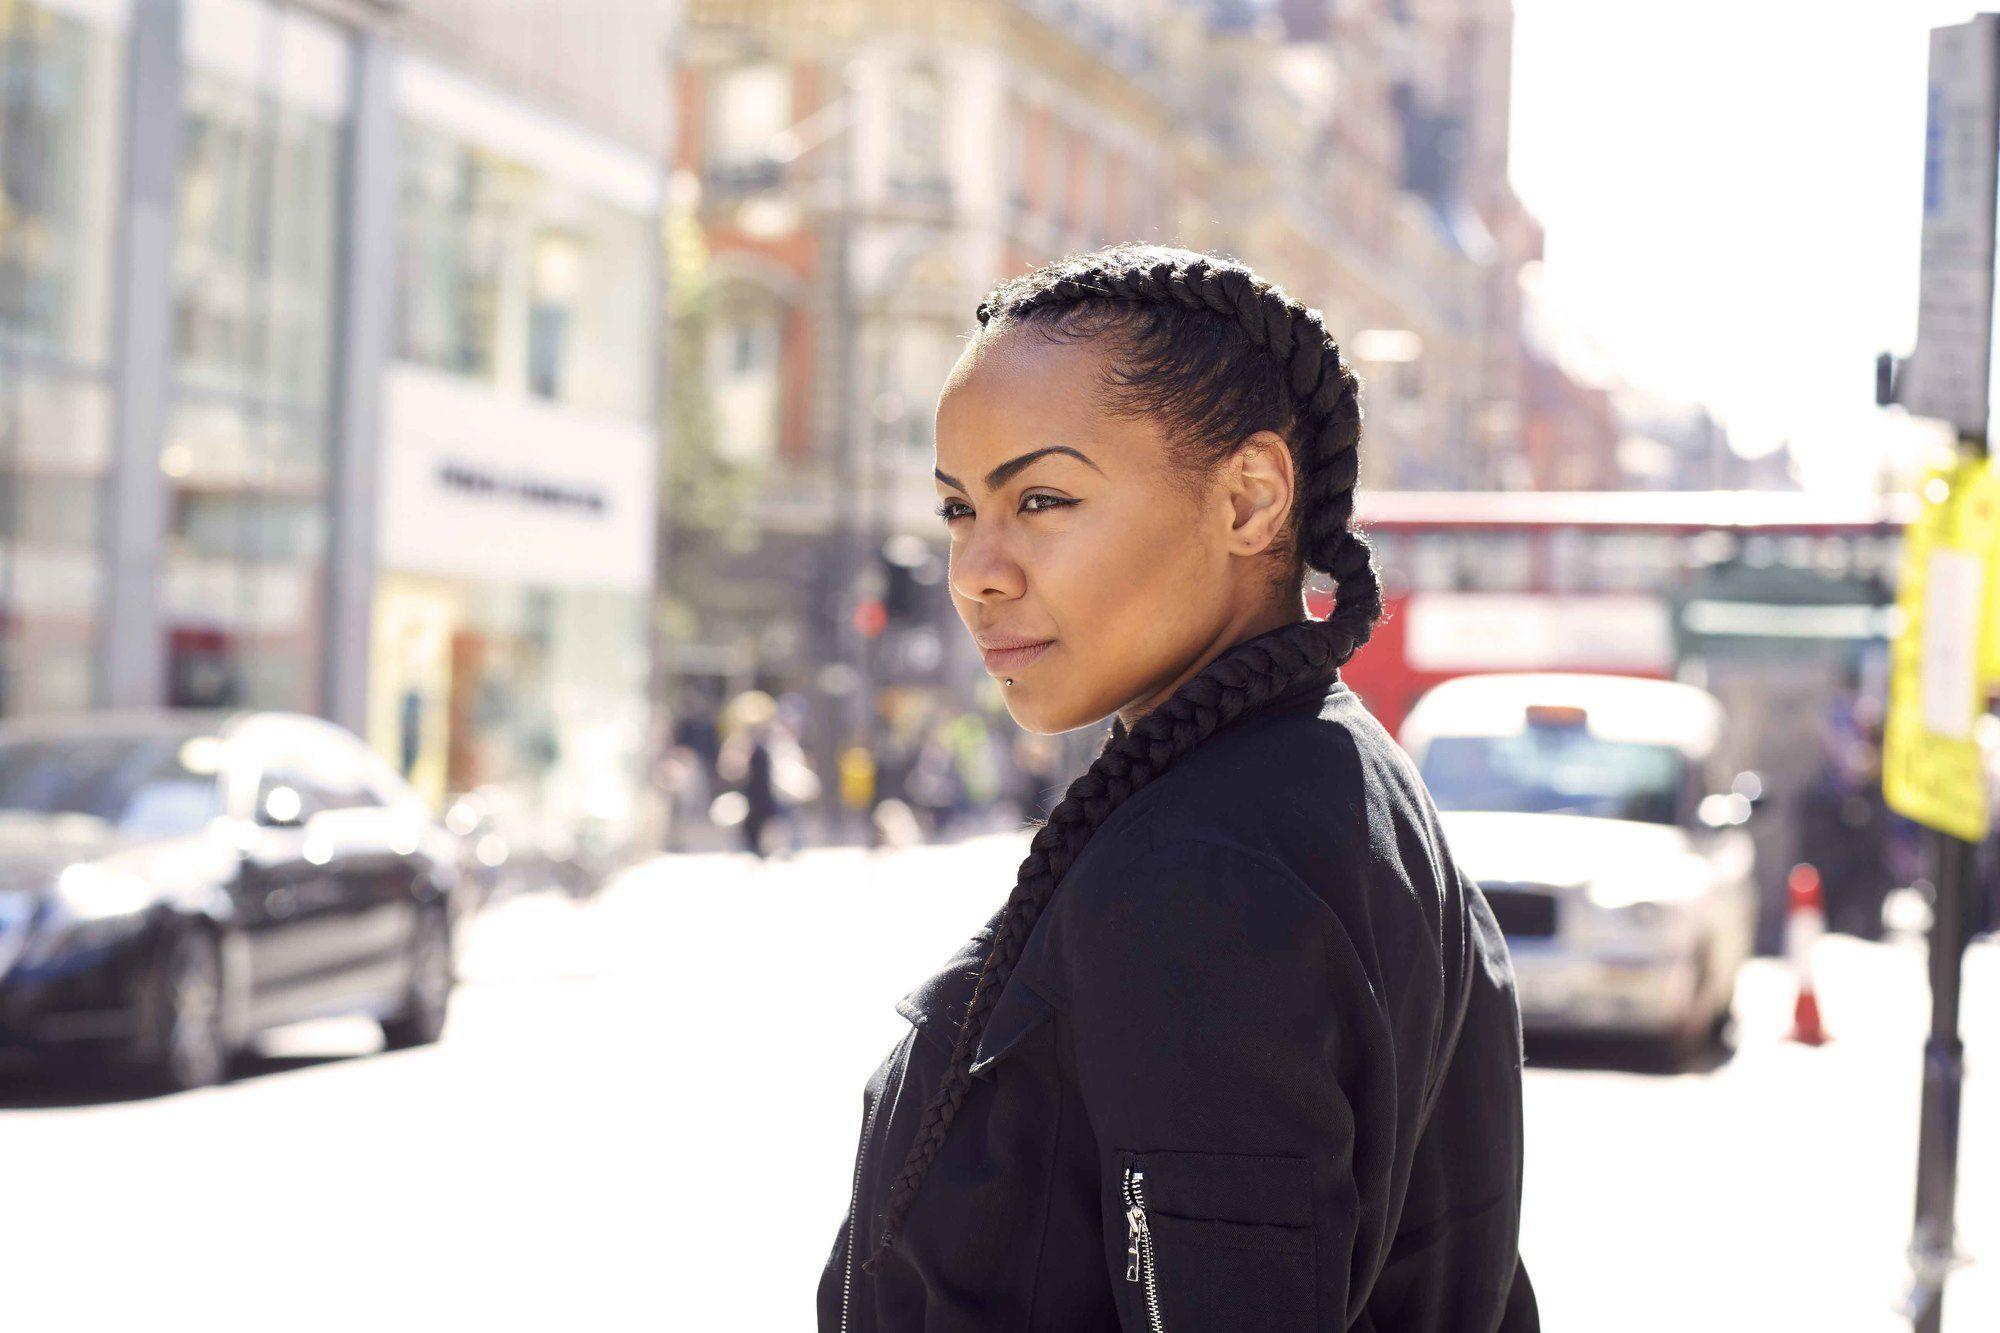 Coiffures d'hiver pour cheveux naturels : Vue latérale d'une femme avec des tresses de boxer double marron foncé, portant une veste de bombardier noire et se tenant dans la rue